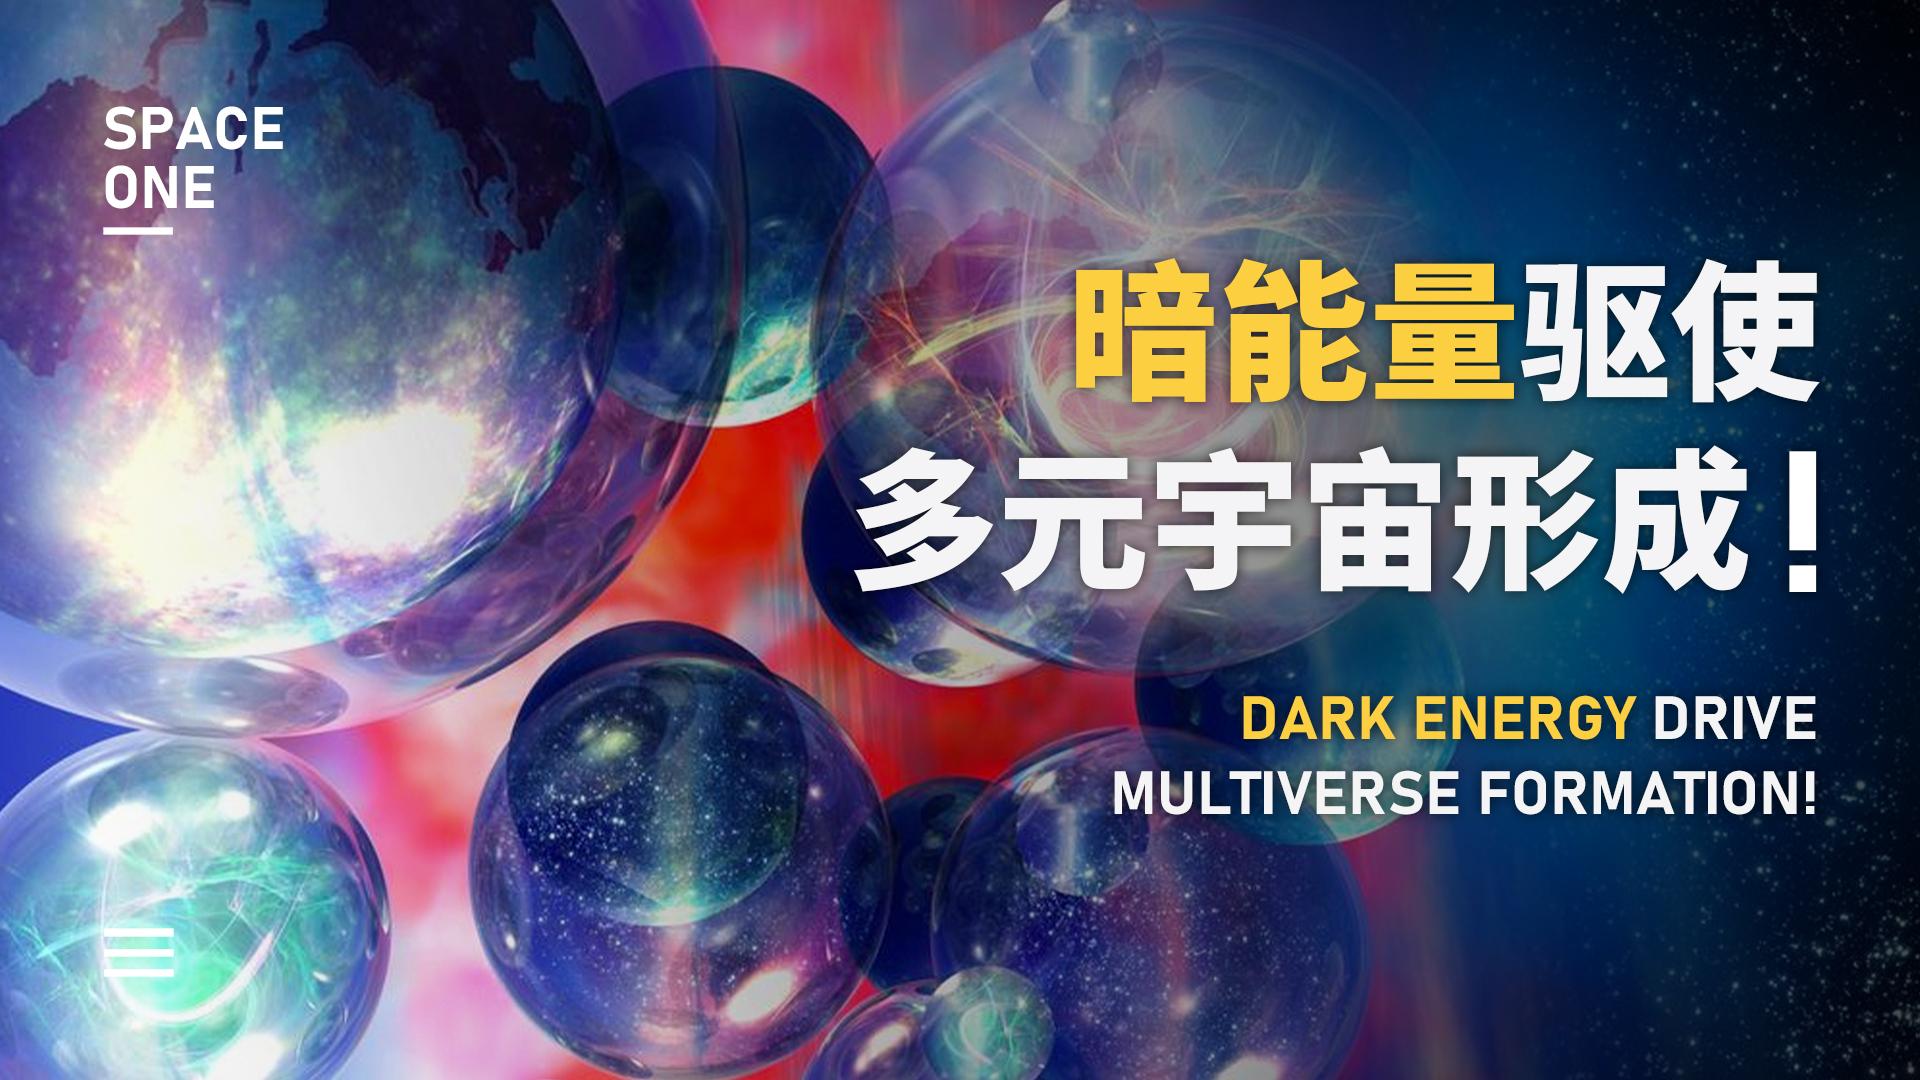 暗能量驱使,多元宇宙形成!